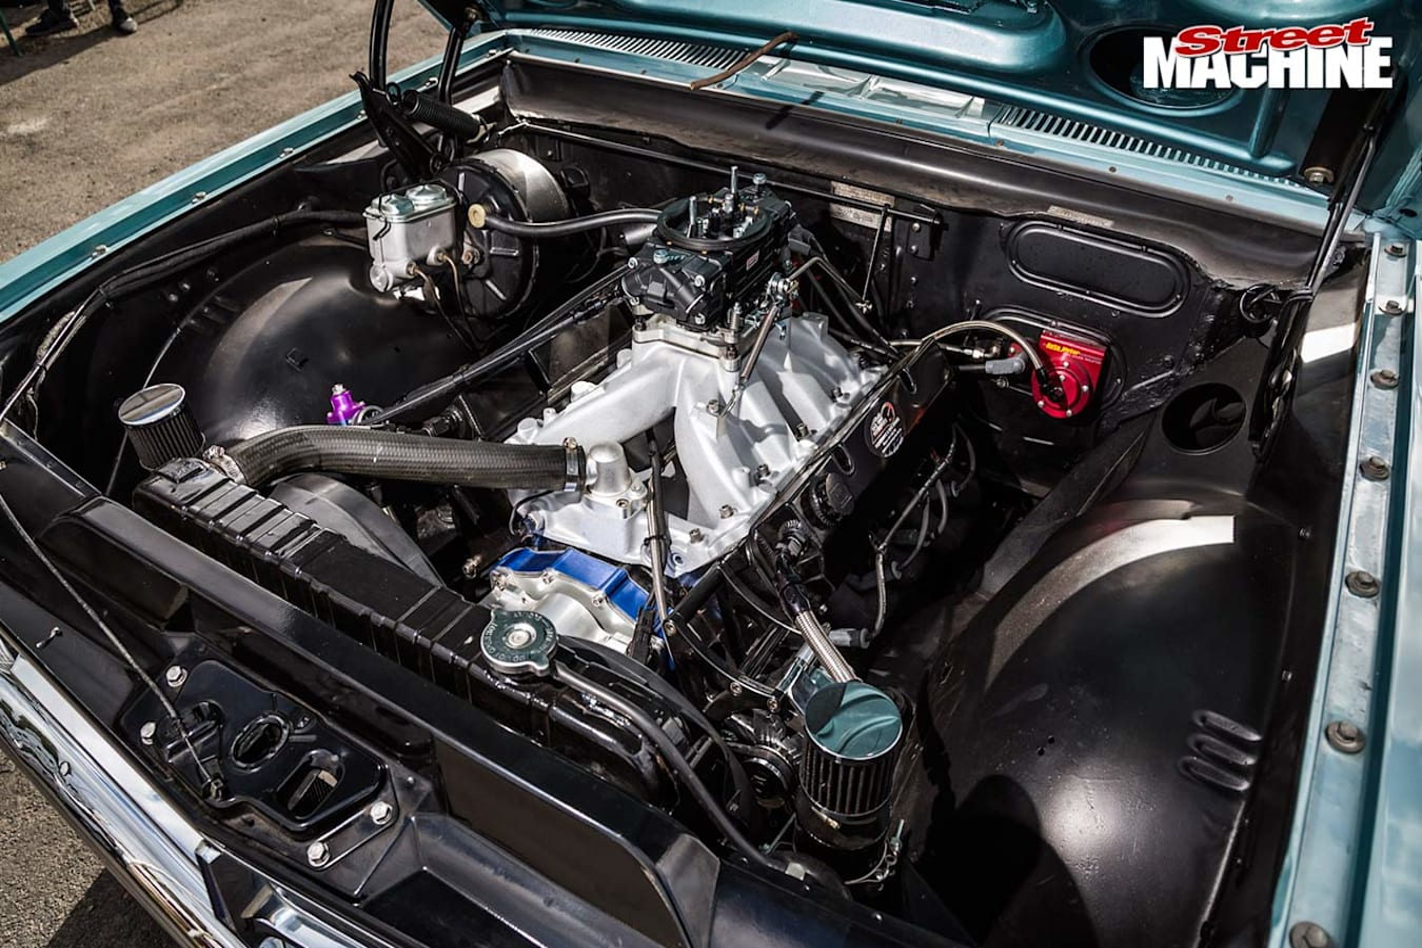 Holden HK Premier engine bay